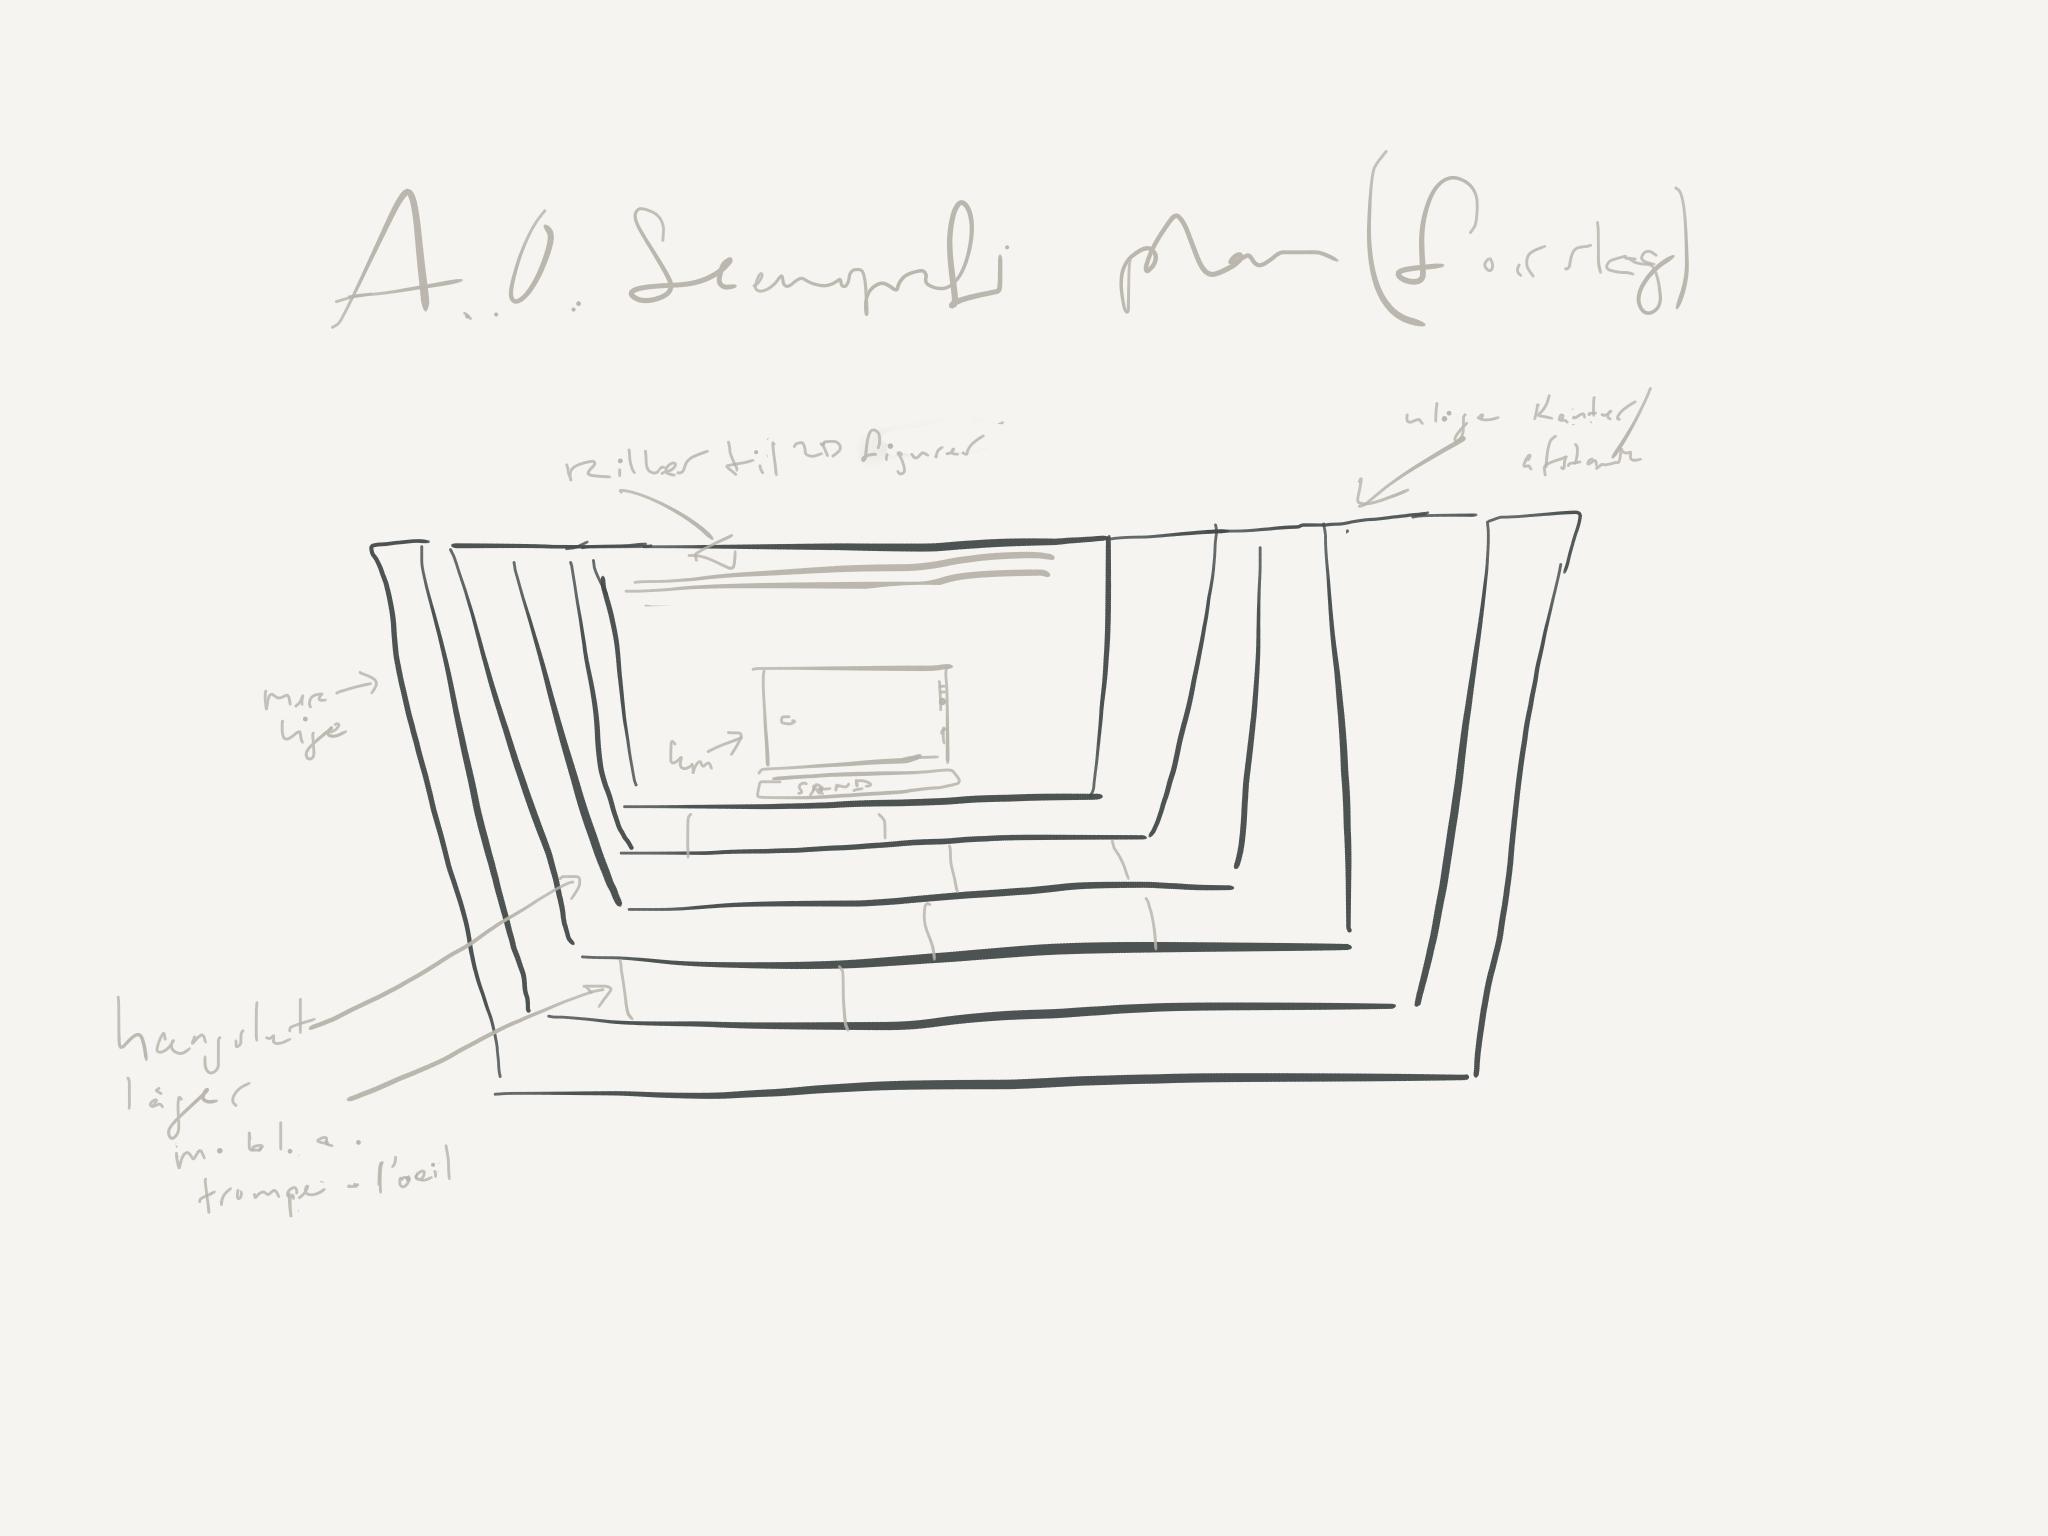 Arternes Oprindelse Scenografi koncept plan